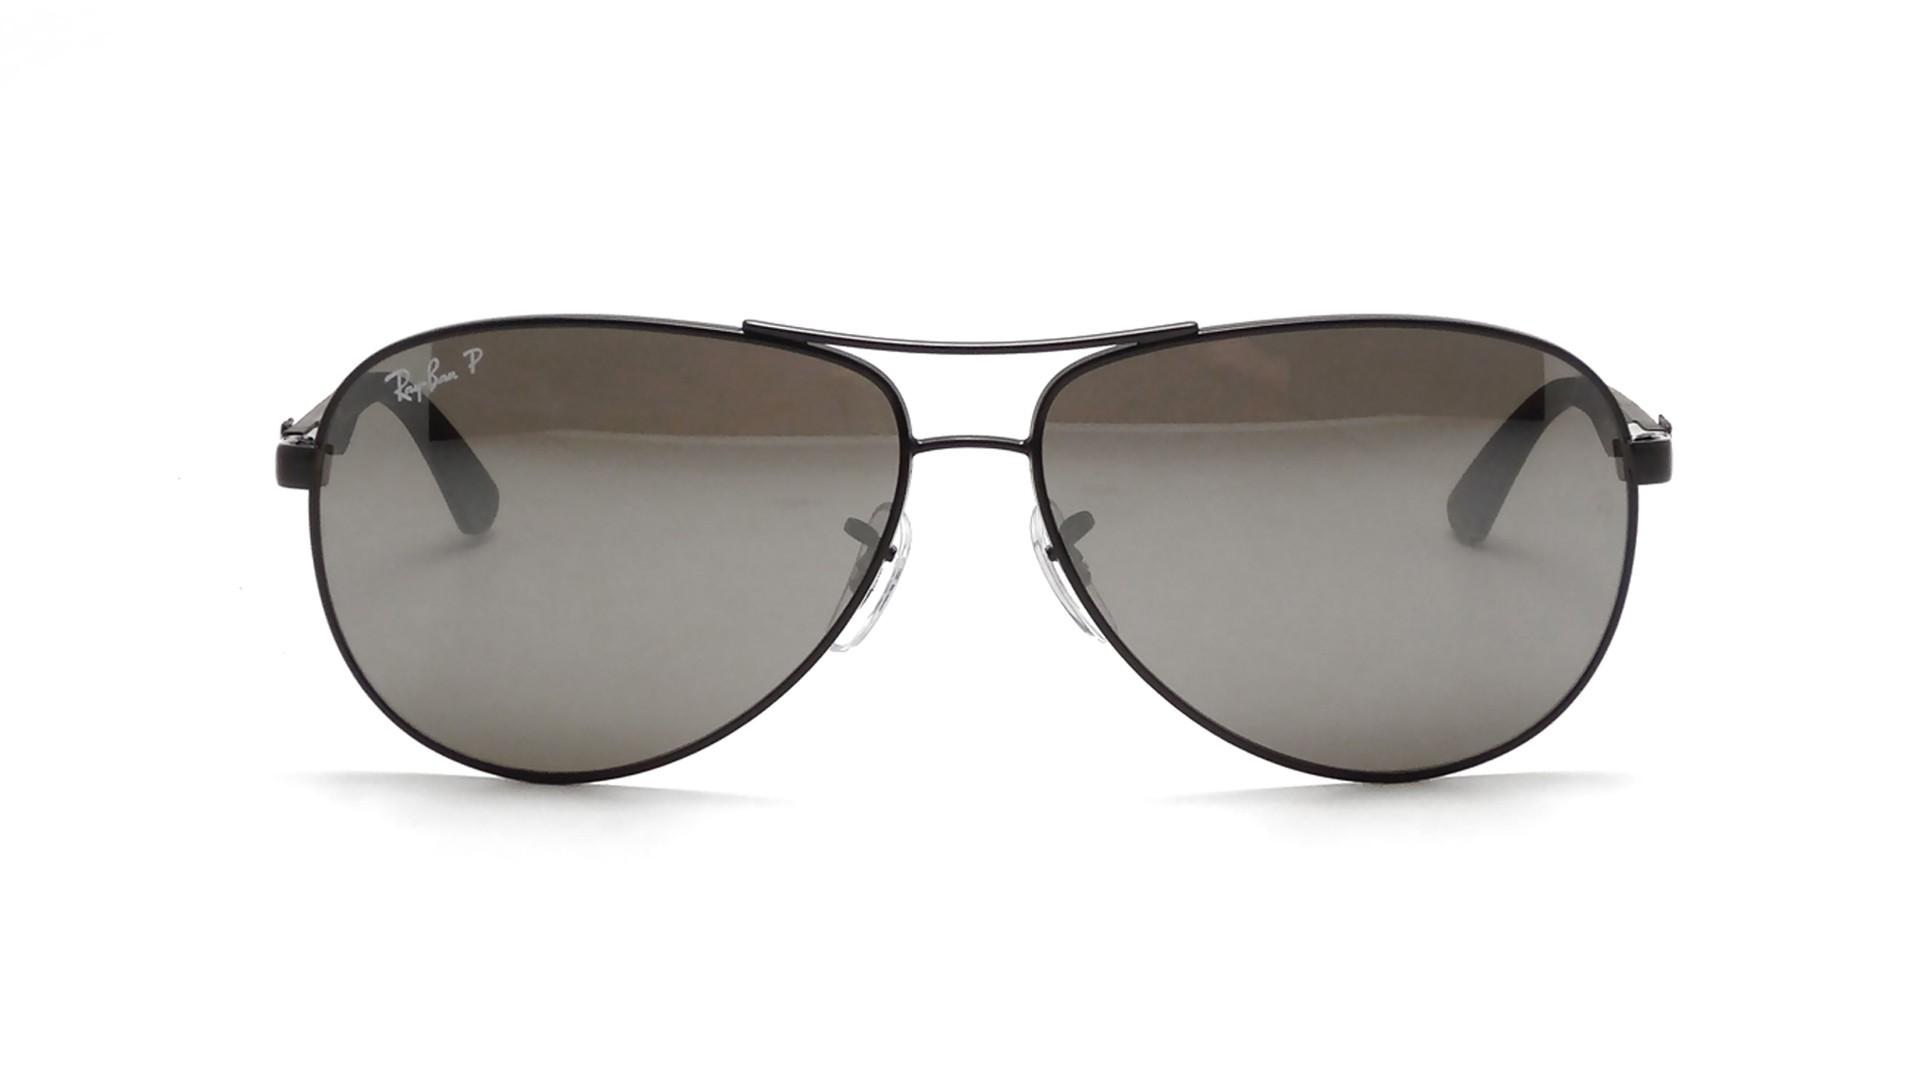 9b81478268e Sunglasses Ray-Ban Fibre Carbon Black RB8313 002 K7 61-13 Large Polarized  Mirror